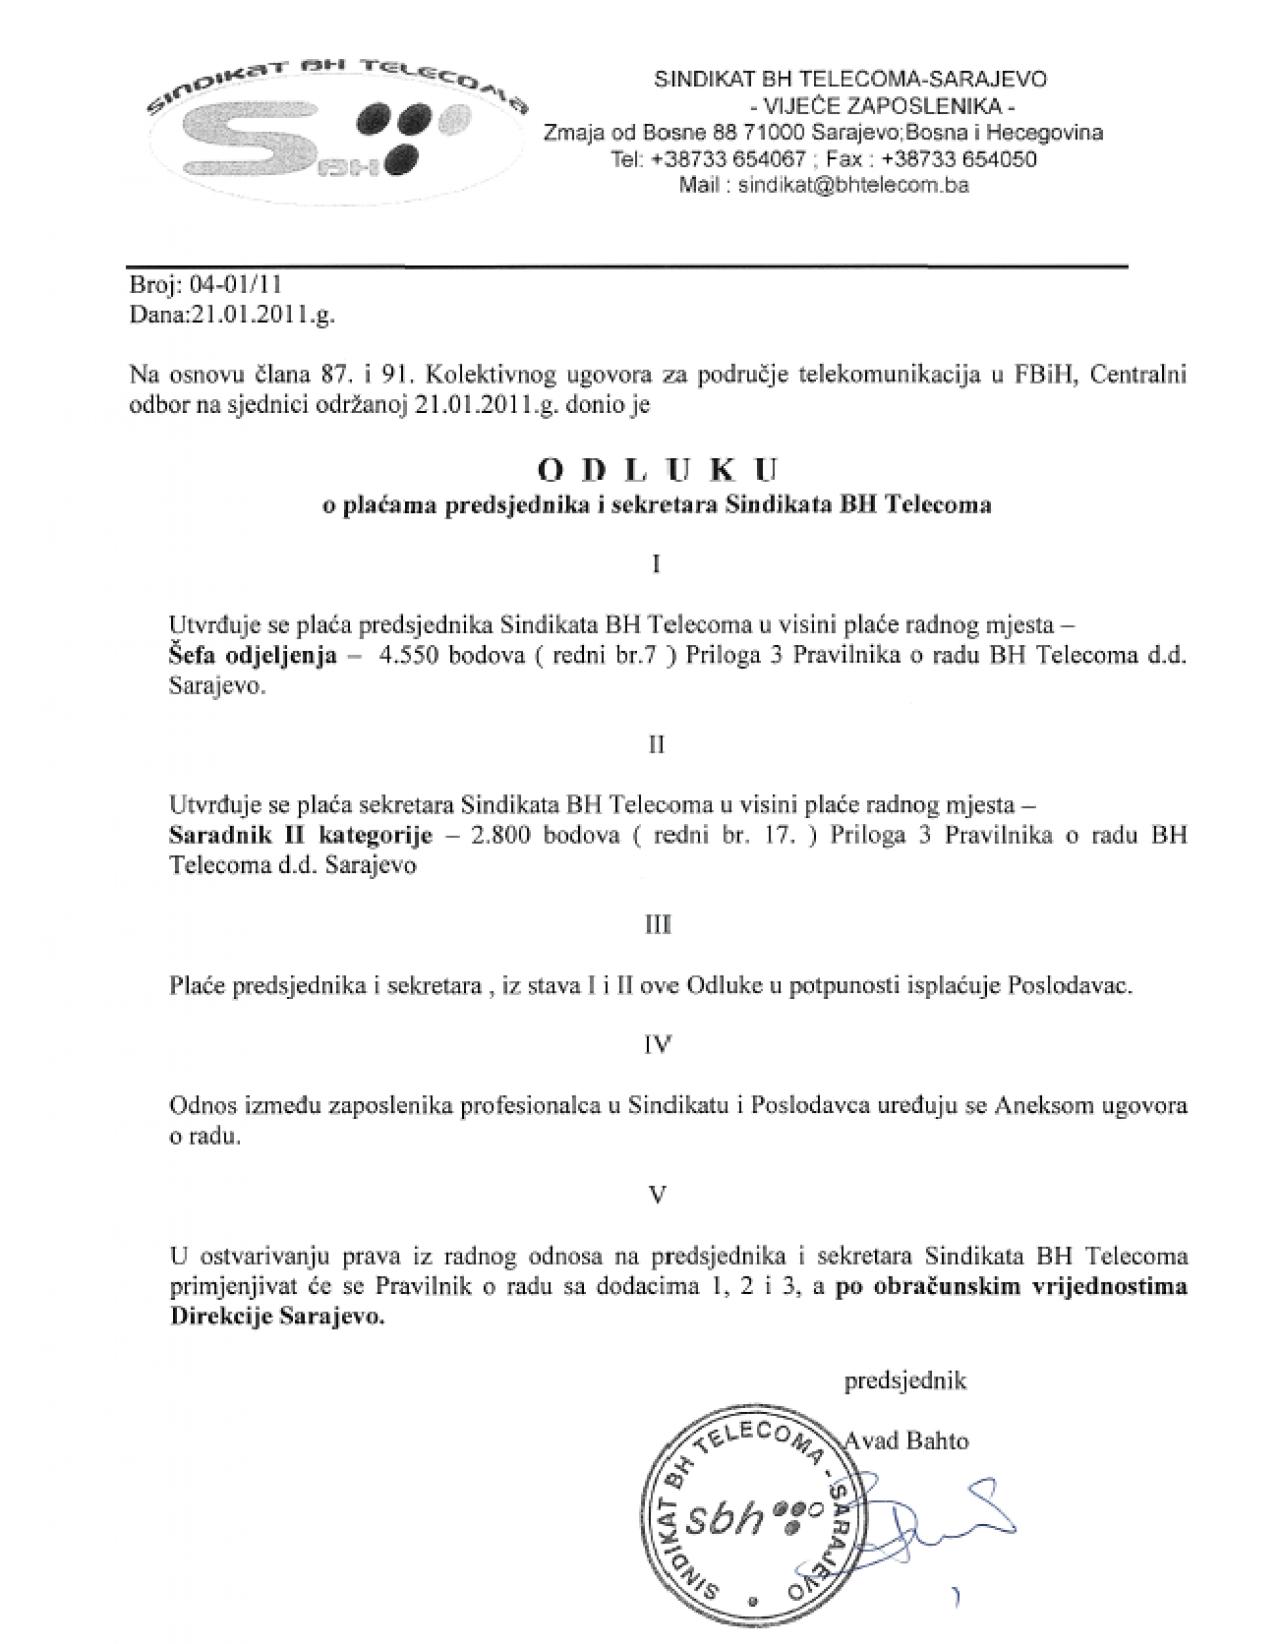 odluka-o-placama-predsjednika-i-sekretara-2011-2012.png